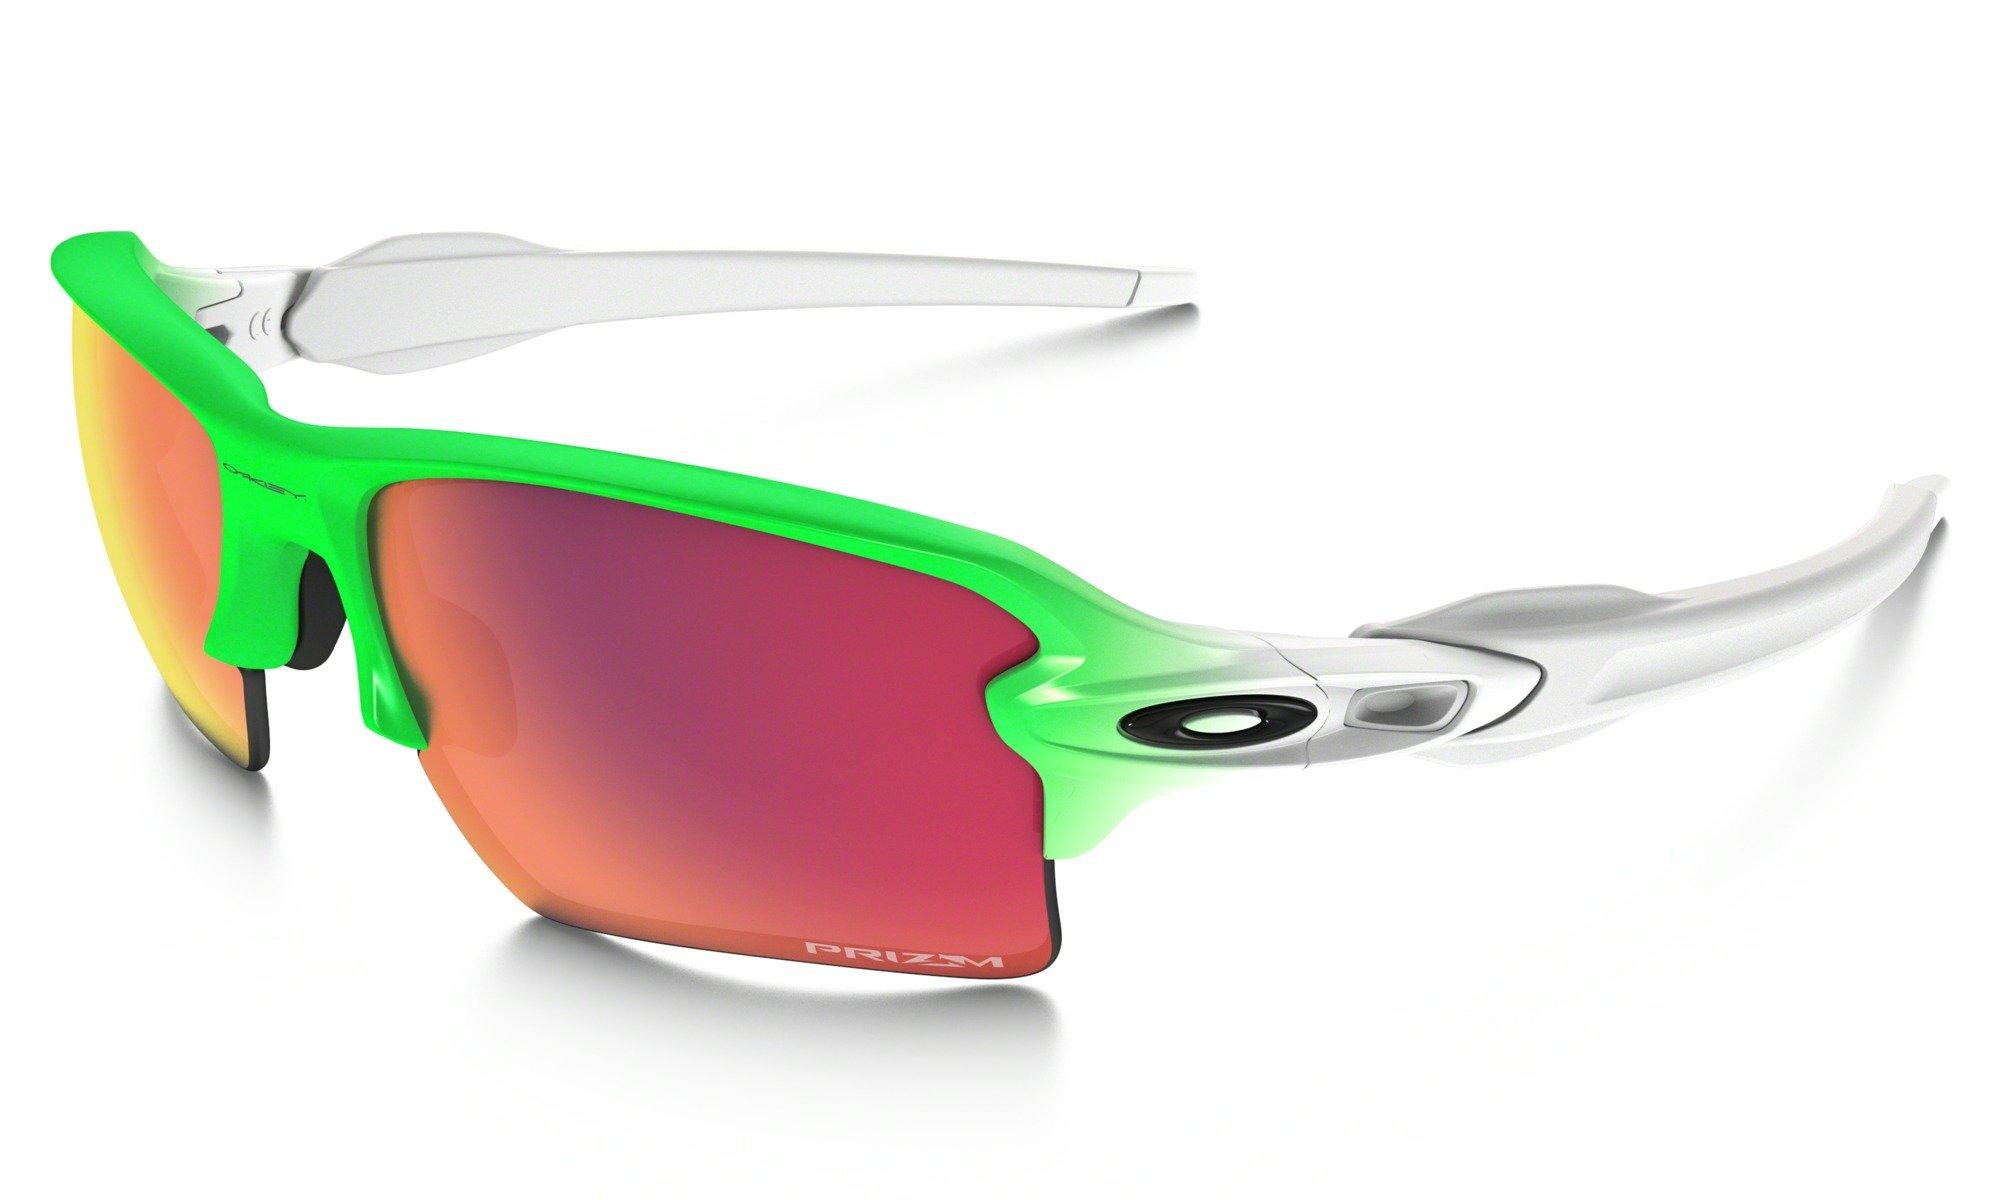 Sluneční brýle Oakley Flak™ 2.0 XL PRIZM™ Field Green Fade Edition